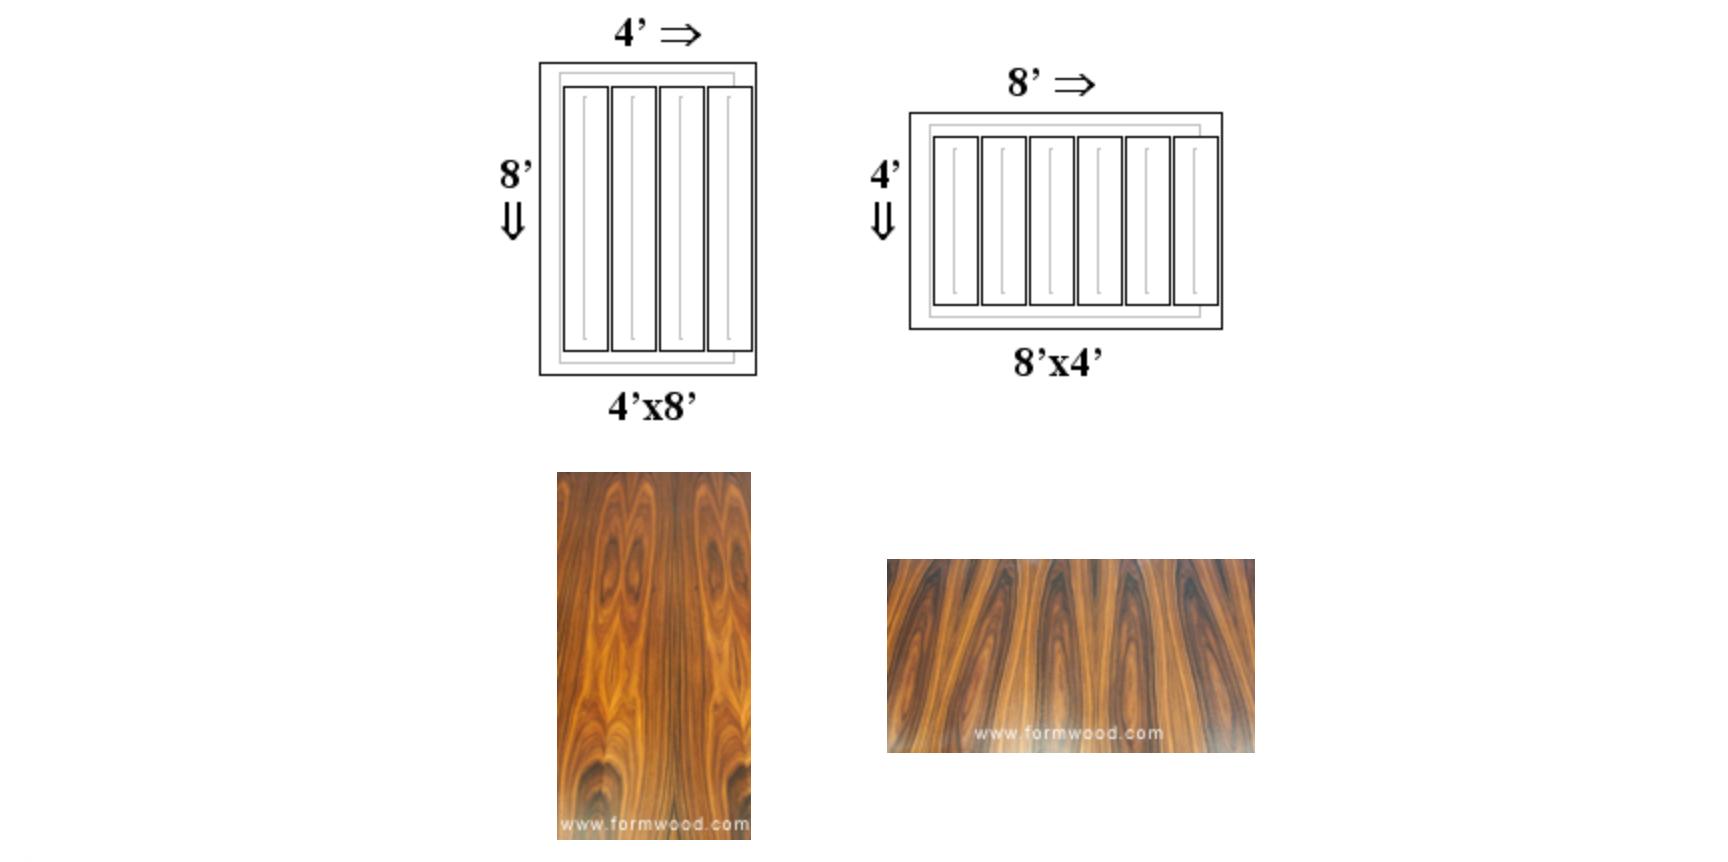 Plywood Sheet Sizing